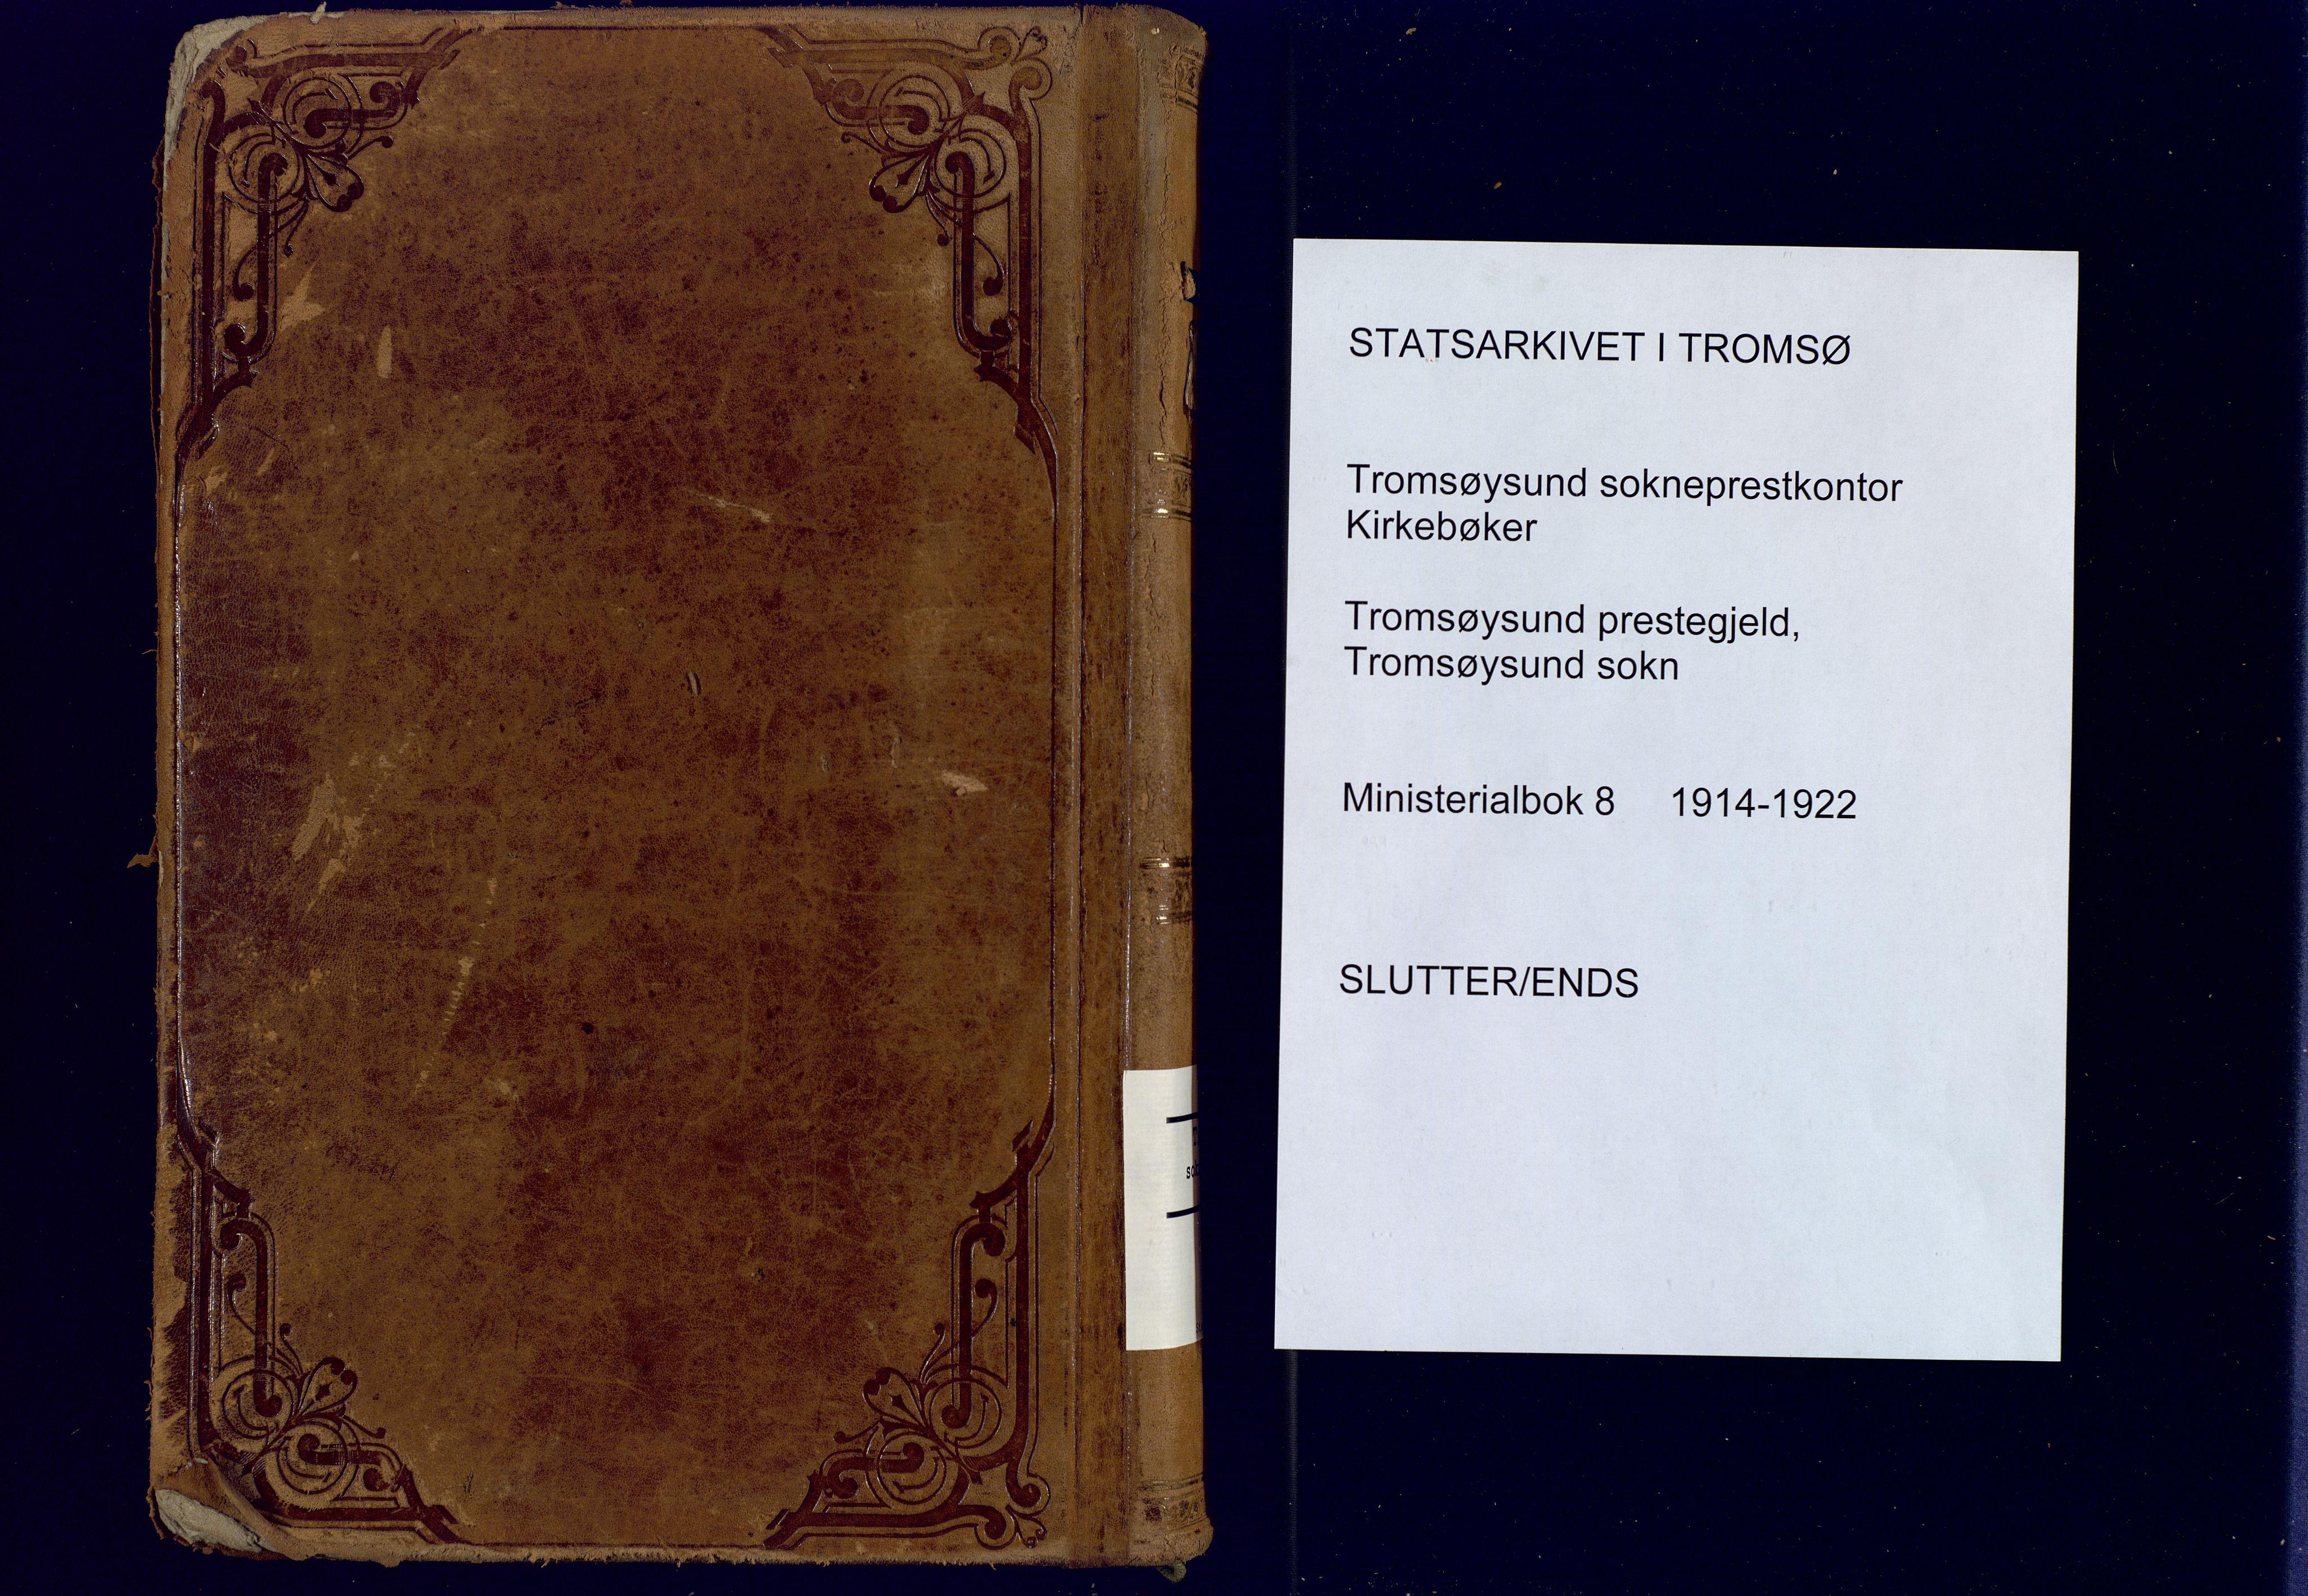 SATØ, Tromsøysund sokneprestkontor, G/Ga: Parish register (official) no. 8, 1914-1922, p. 440